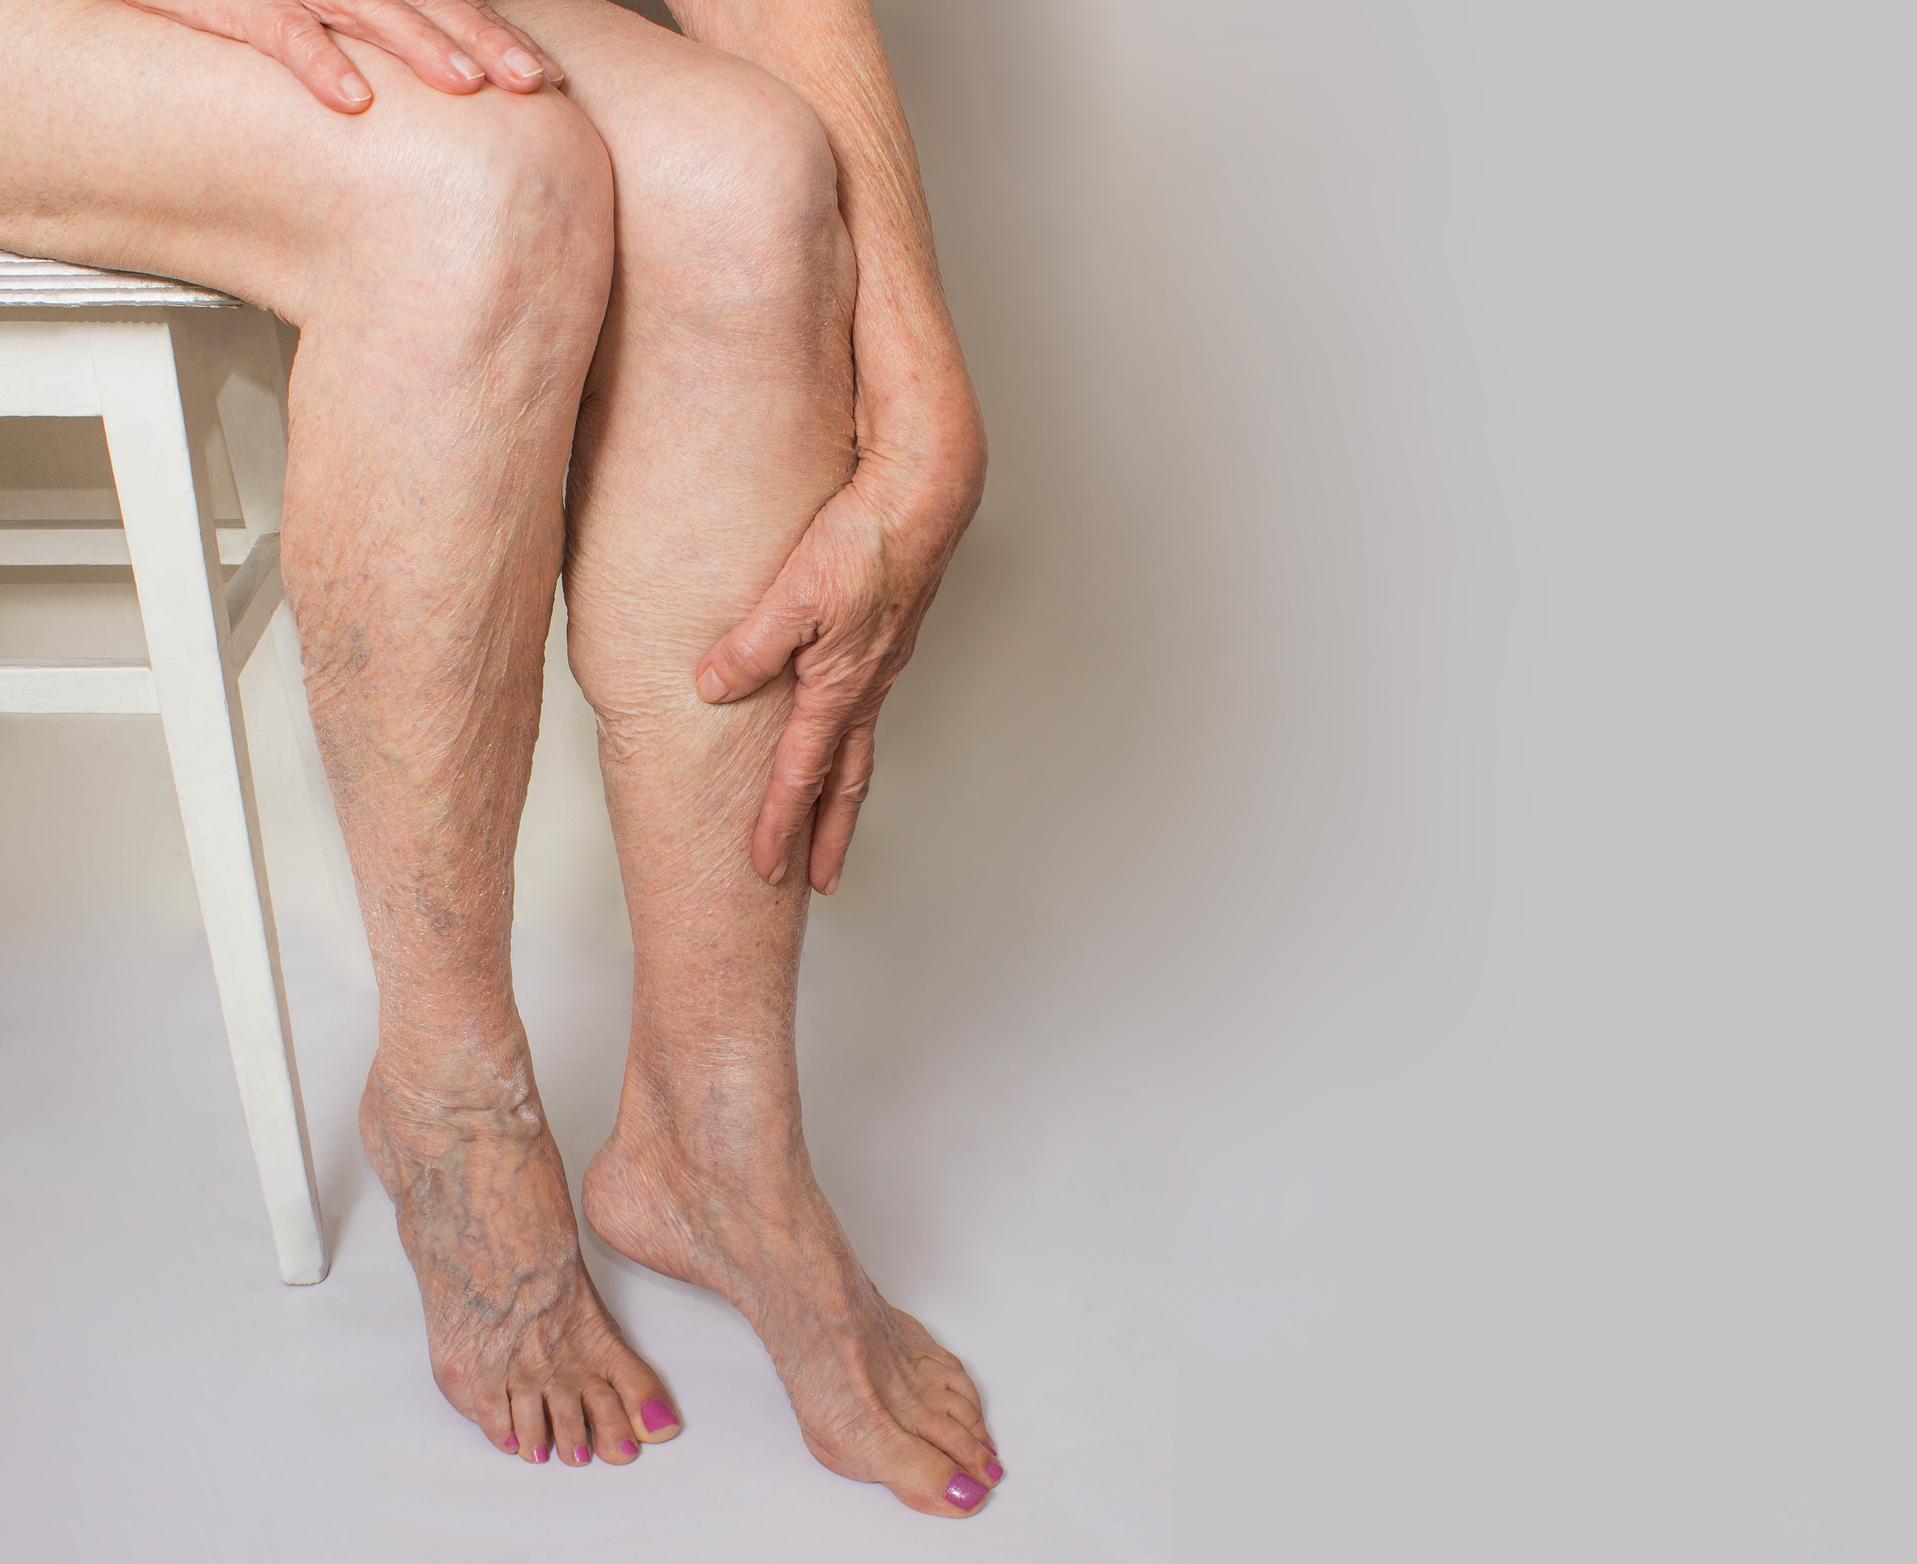 Quando dores intensas ocorrem em apenas uma das pernas, vermelhidão, inchaço ou endurecimento da musculatura na região, podem ser sinais de trombose.